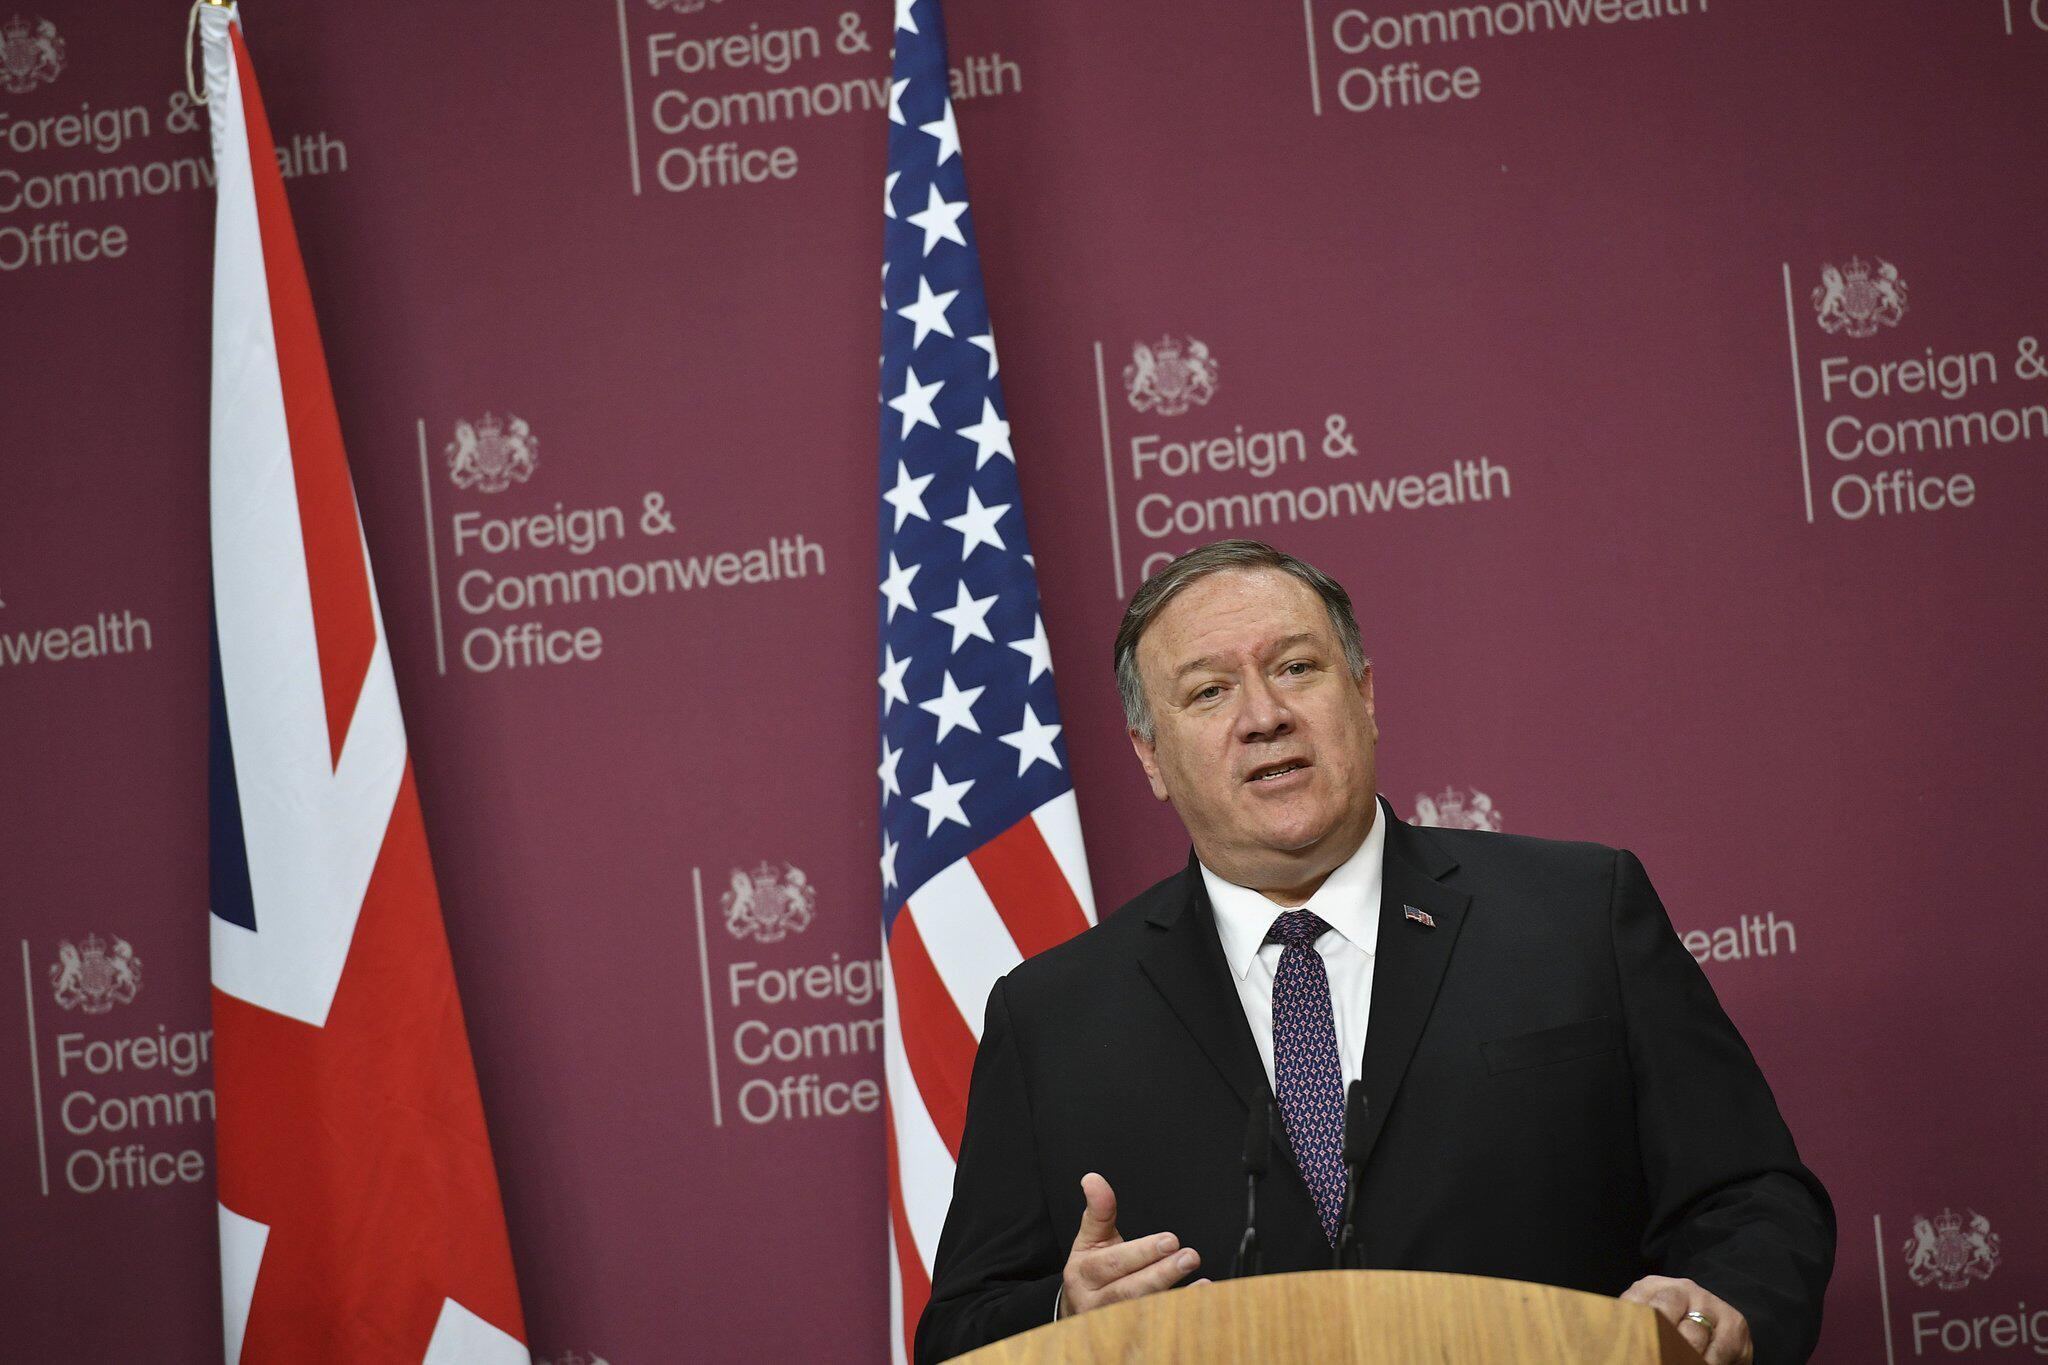 Streit um Atomprogramm:Pompeo: Wollen keinen Krieg mit dem Iran